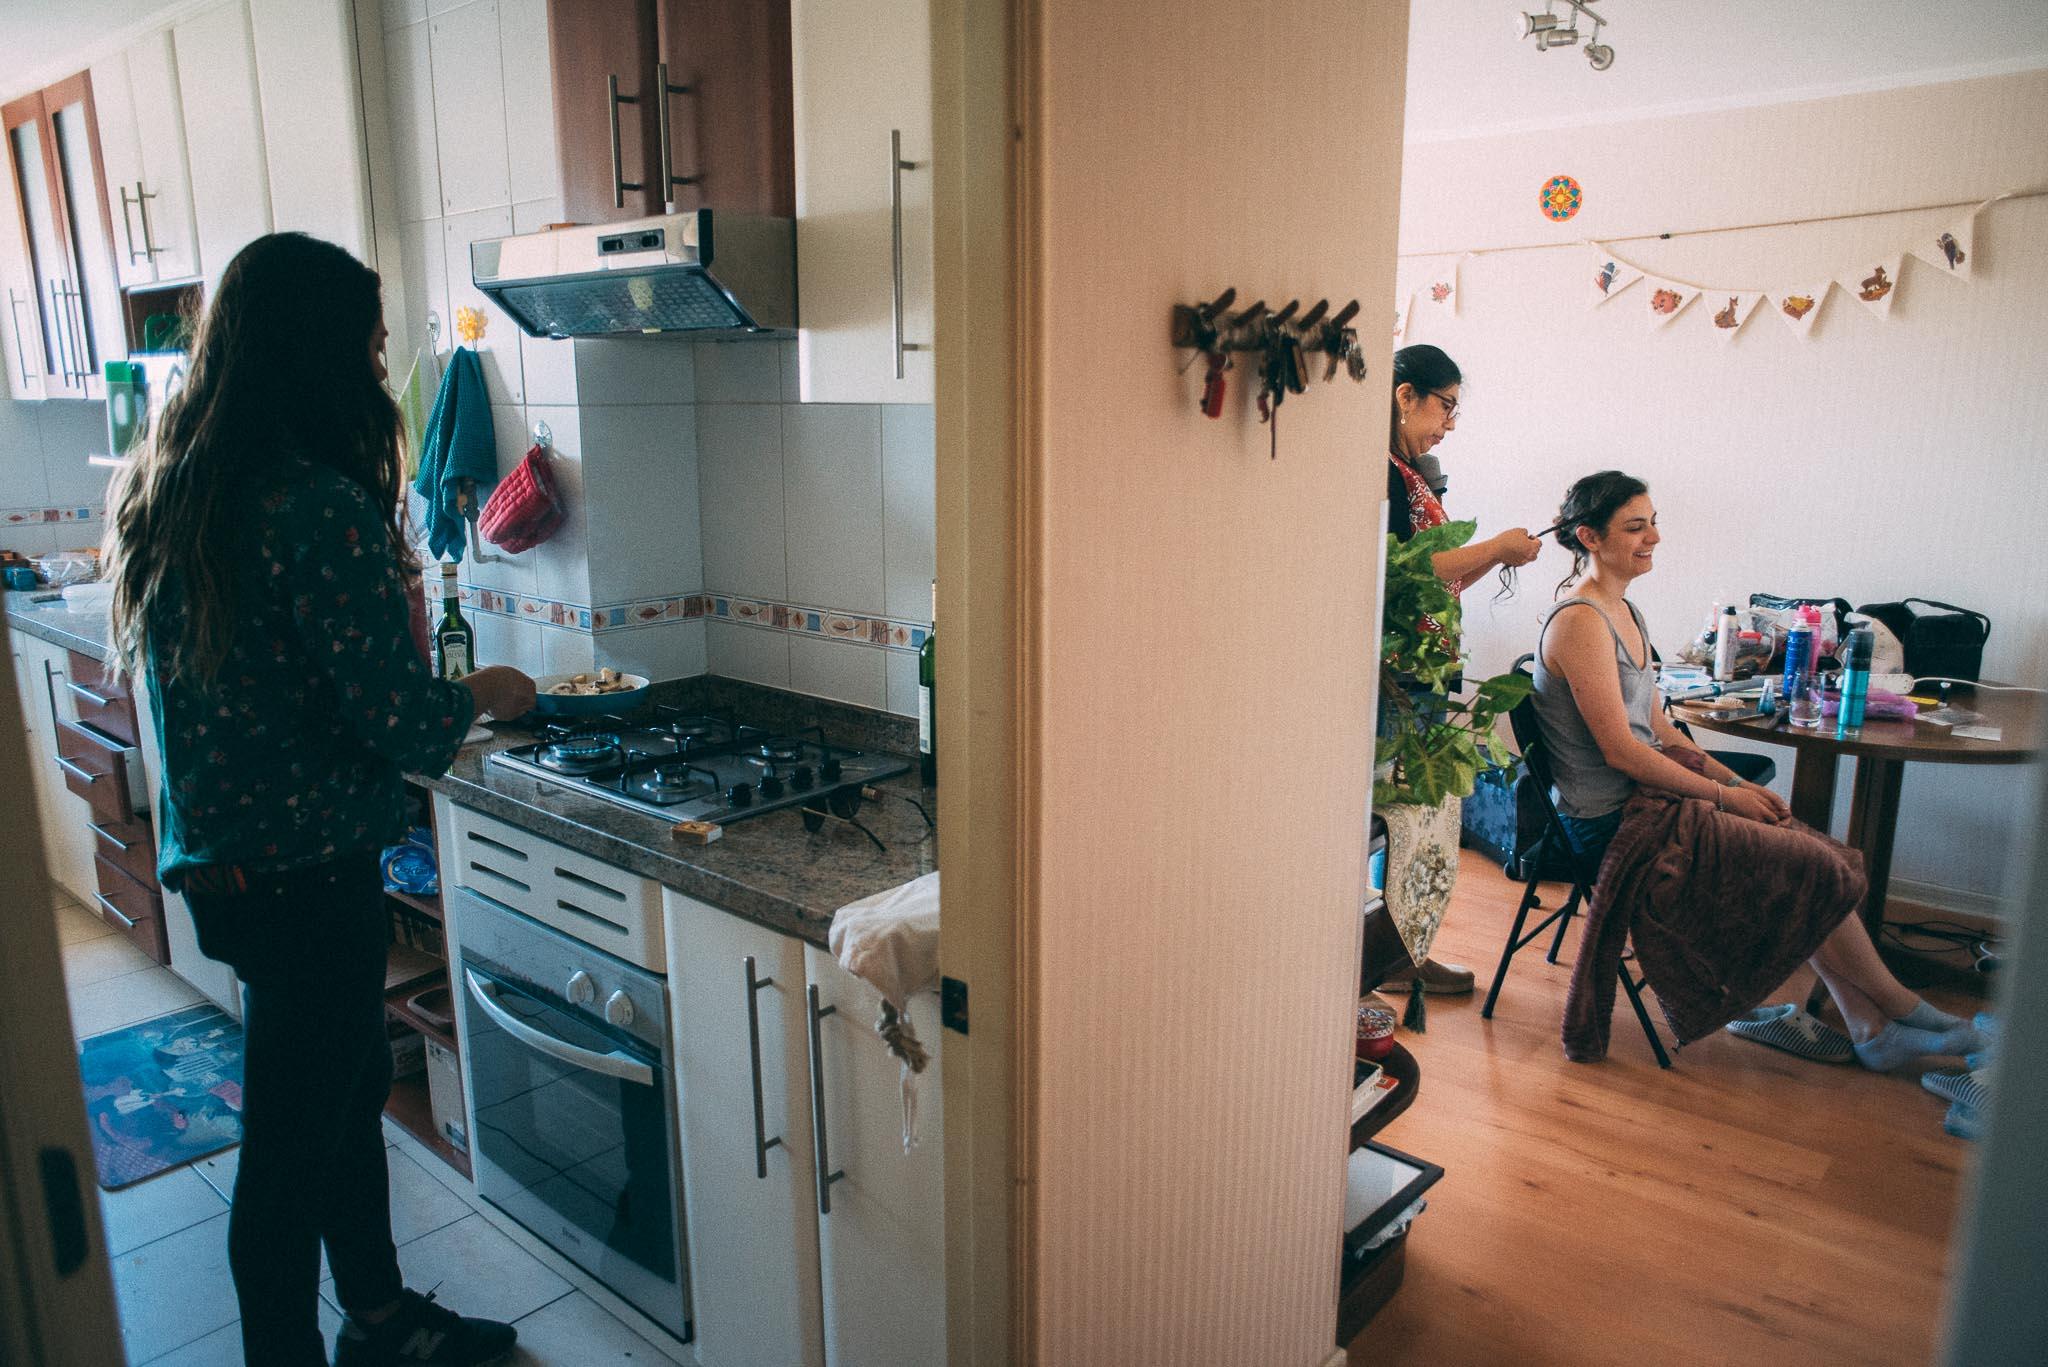 la fragua centro de eventos-purranque-decima region-llanquihue-matrimonio campestre-fotografo documental de matrimonios-make up-preparativos novia